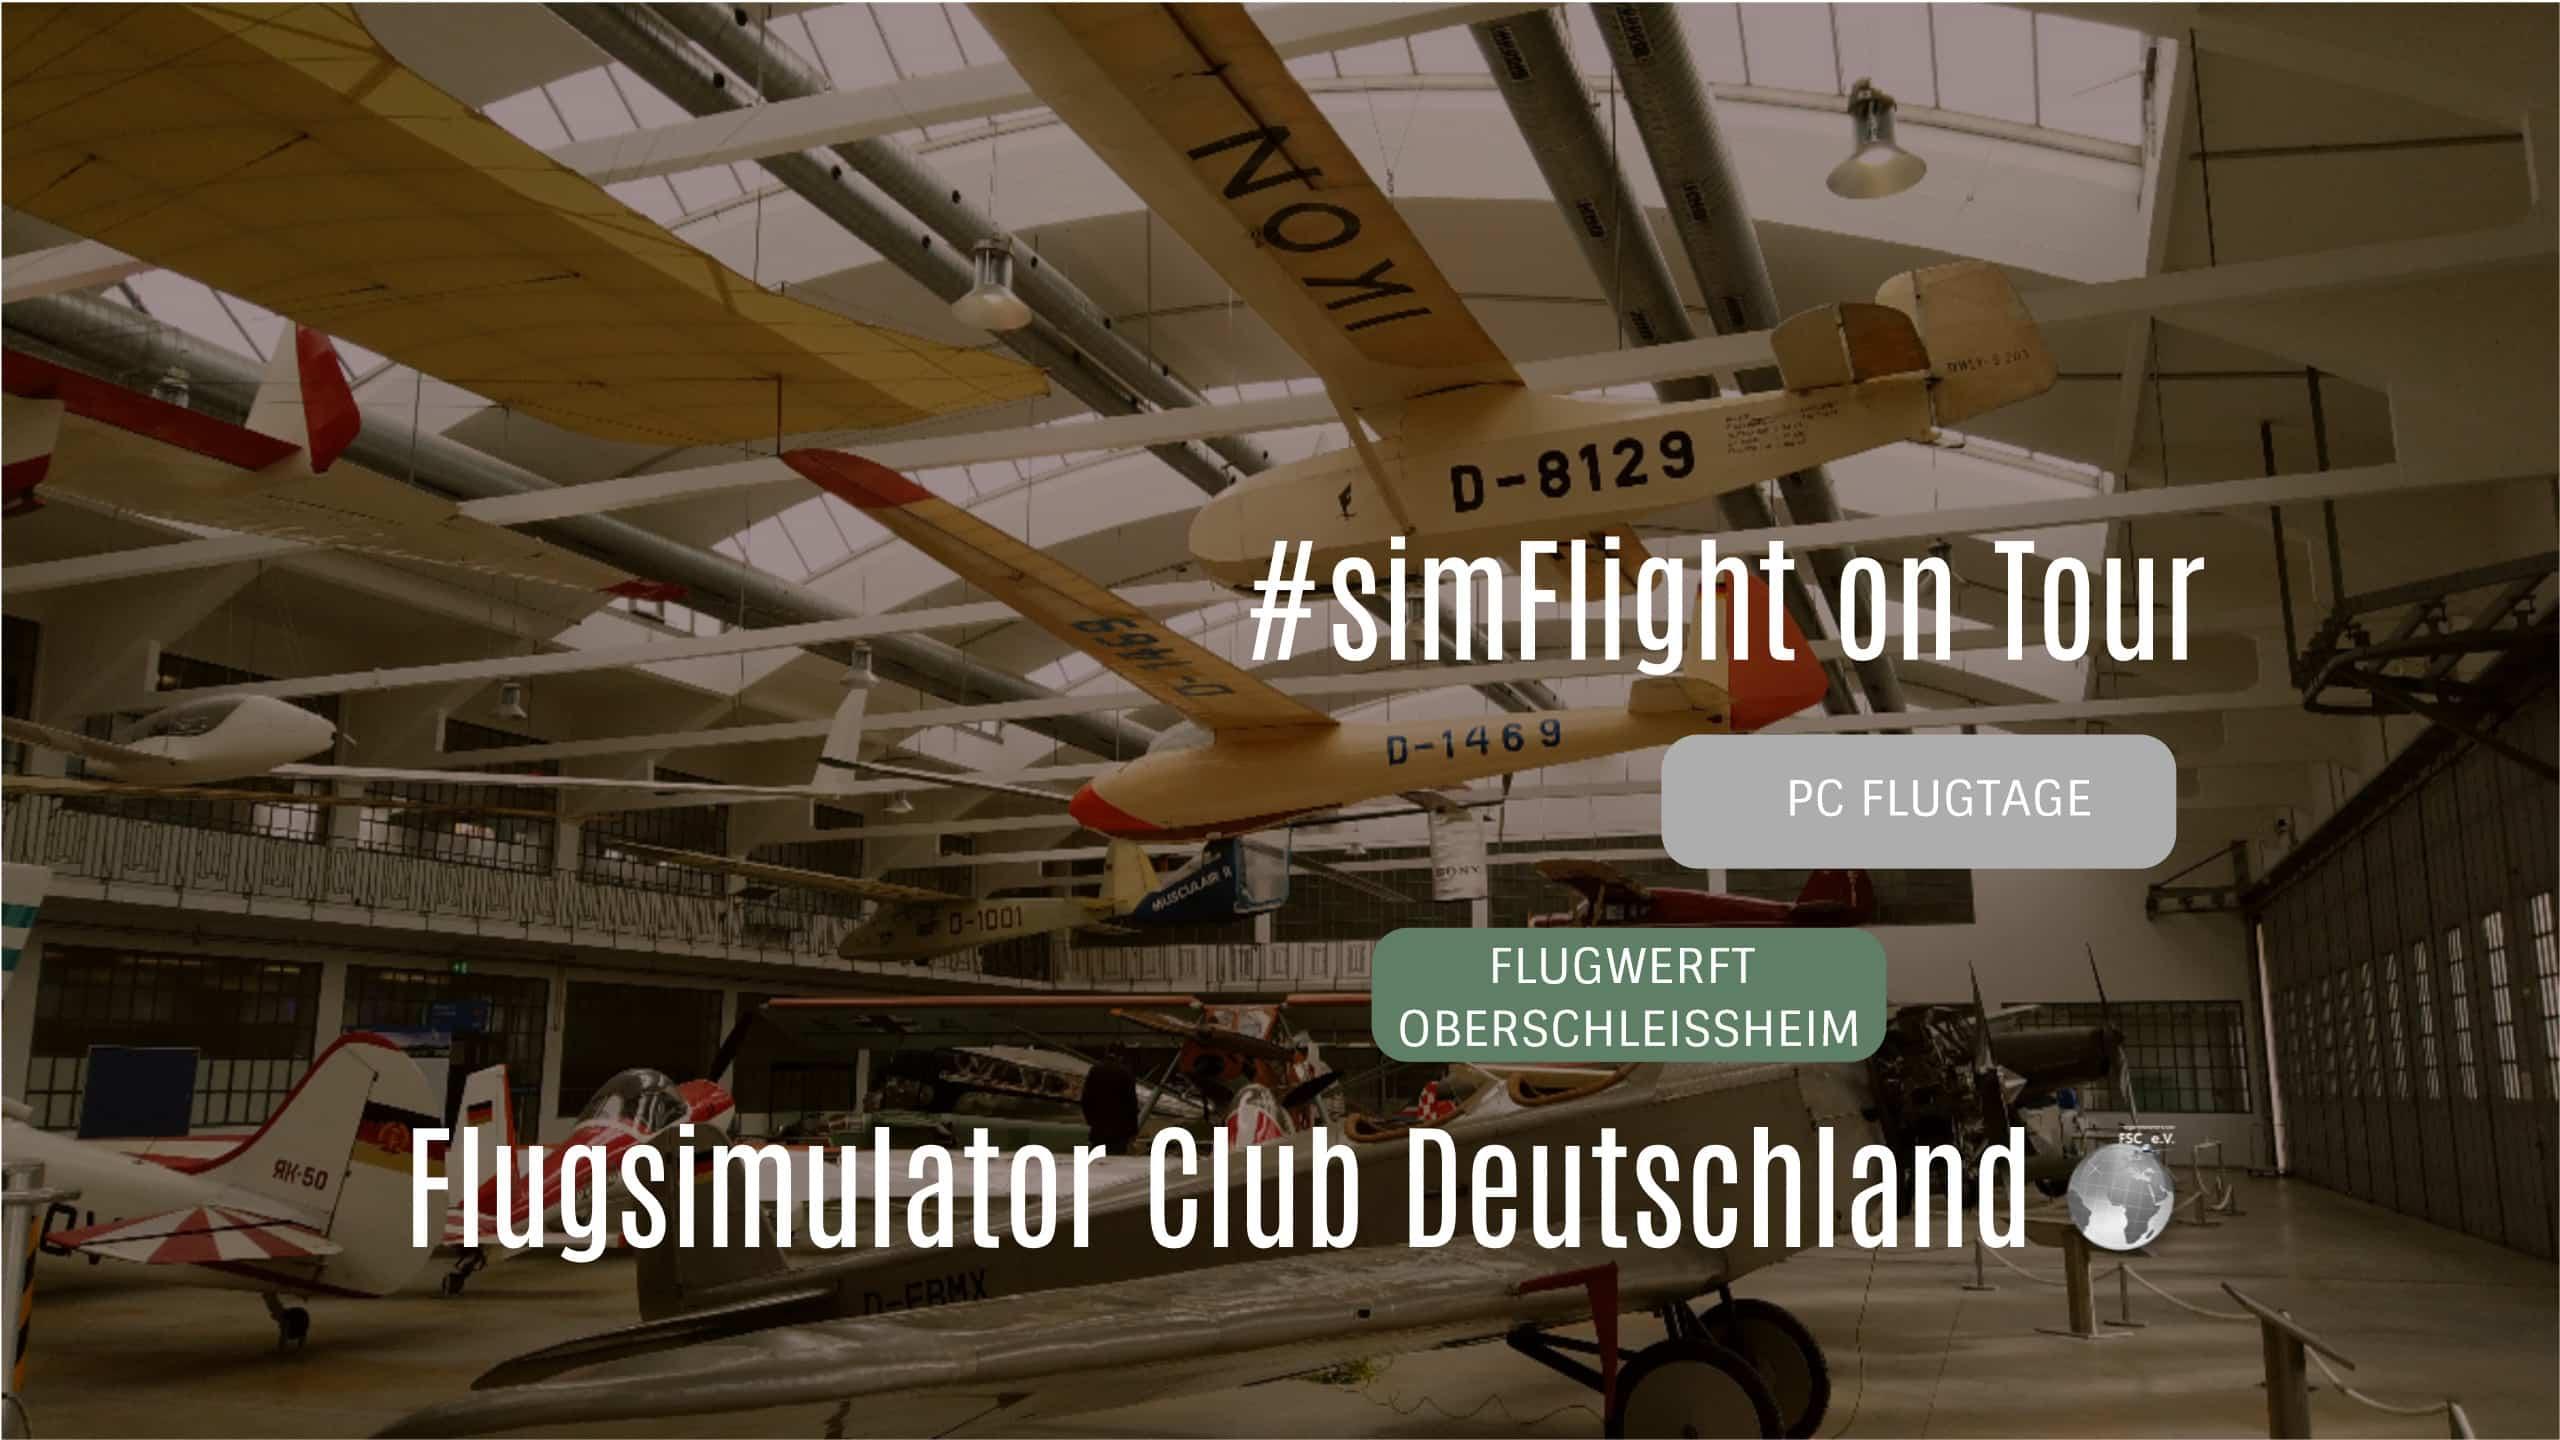 www.simflight.de